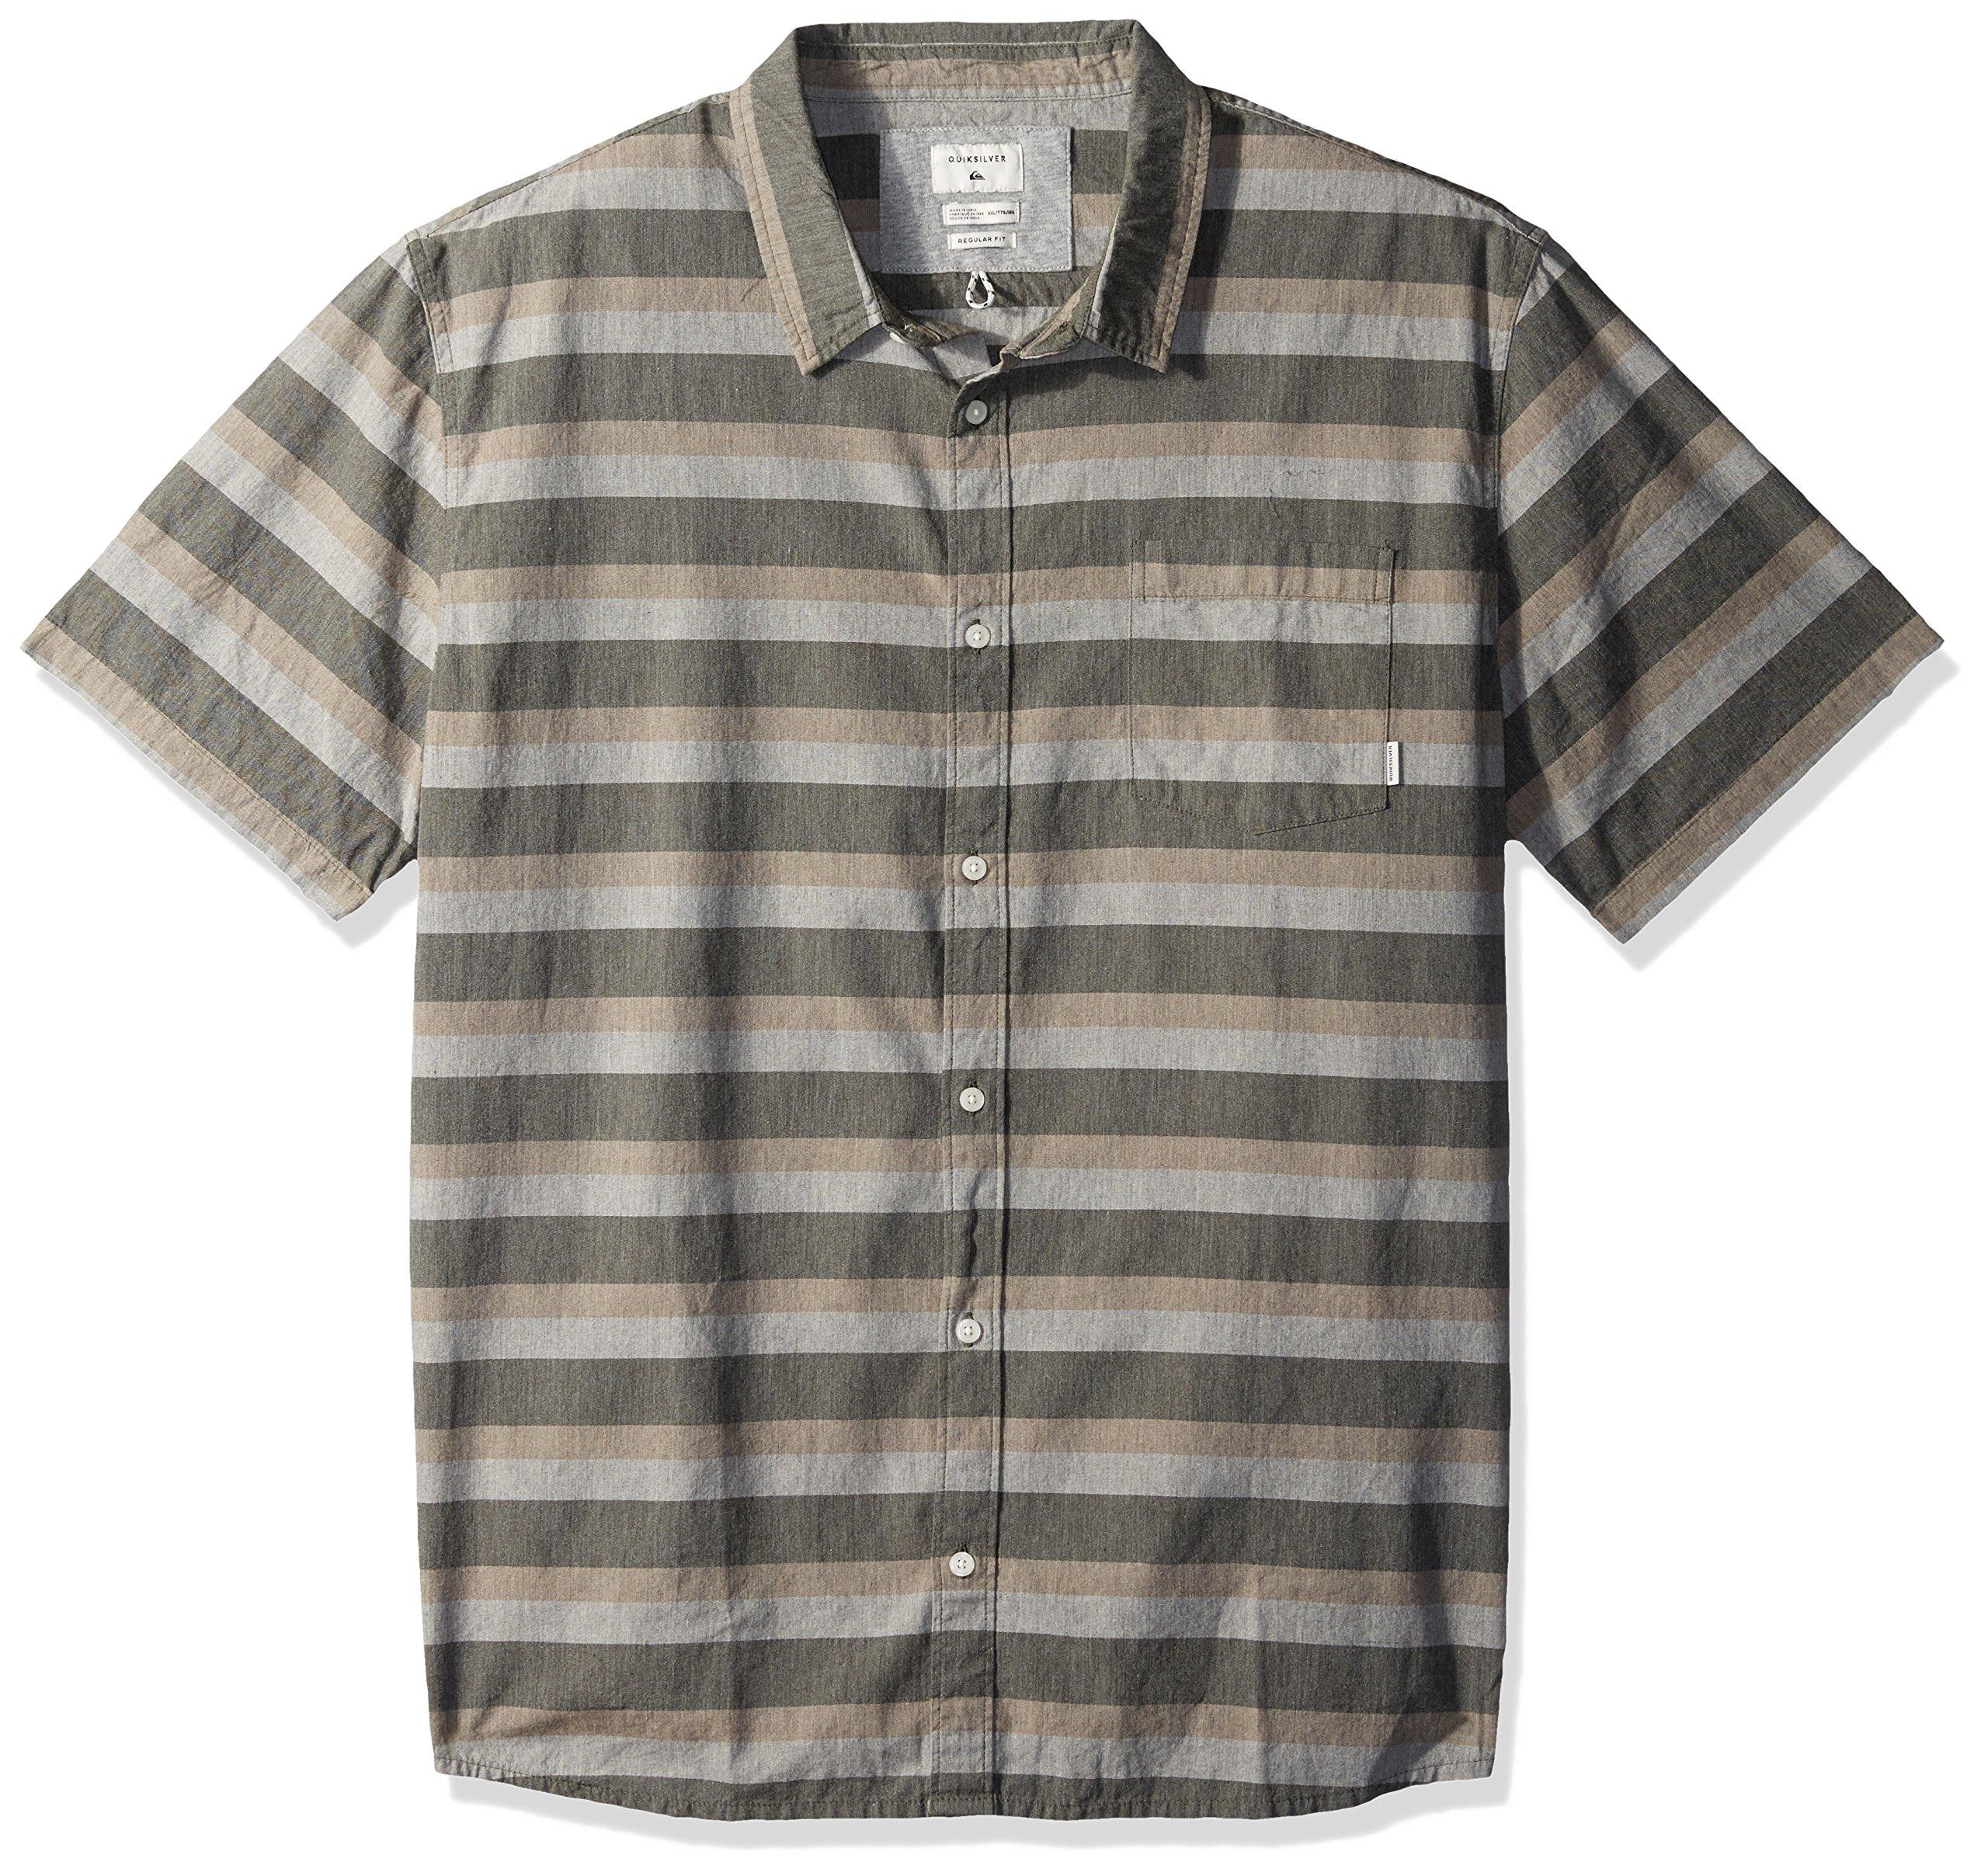 Quiksilver Men's Tama Kai Button Down Shirt, Plage Tama Kai Stripe, S